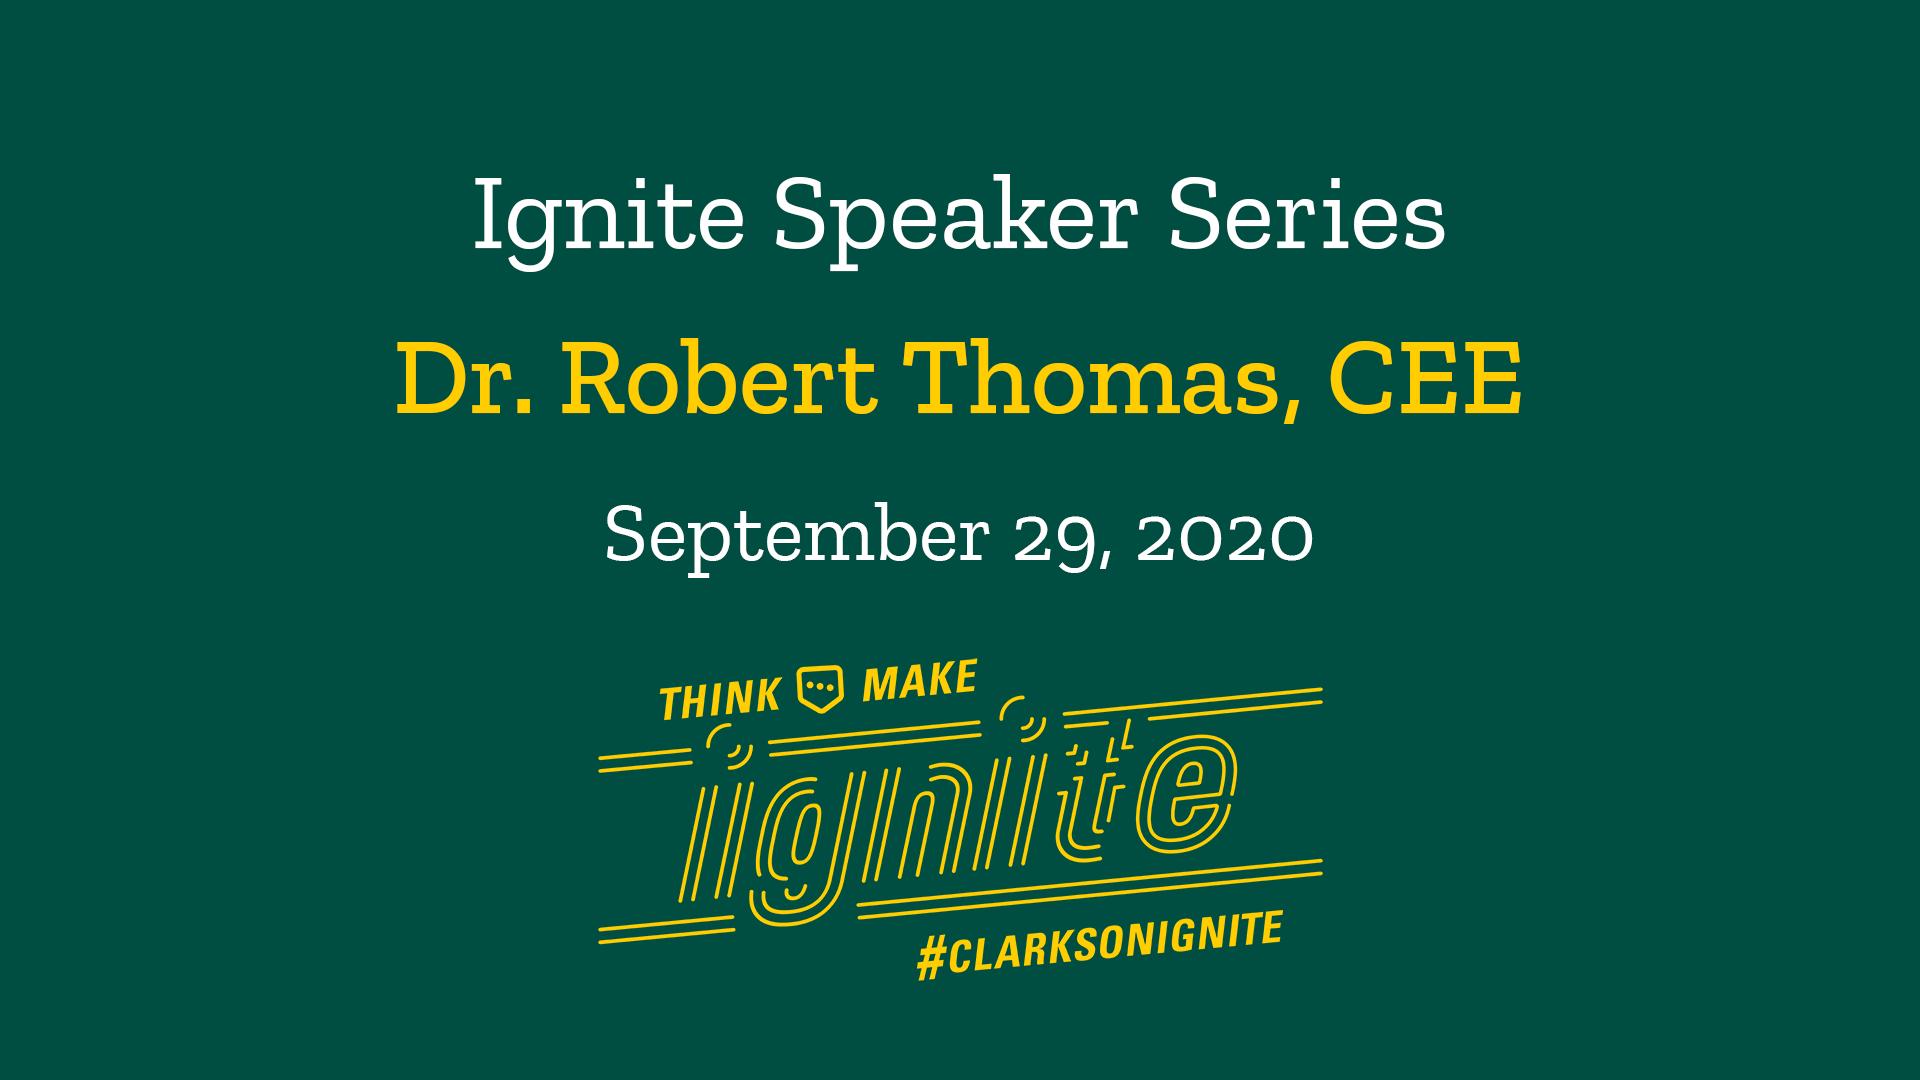 Ignite Speaker Series- September 29, 2020 @ 2 PM